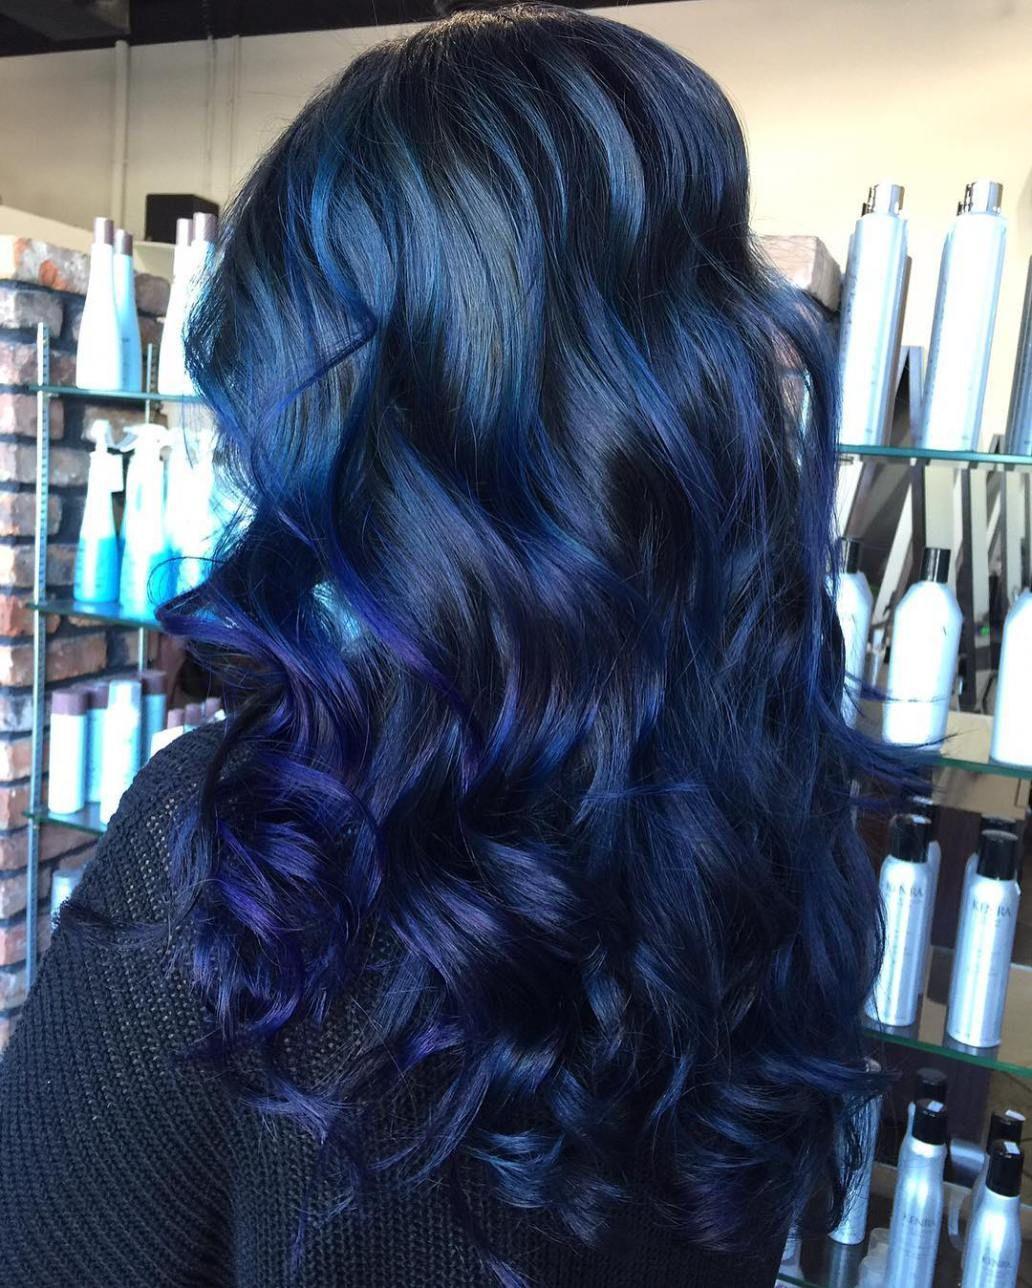 20 Dark Blue Hairstyles That Will Brighten Up Your Look Blue